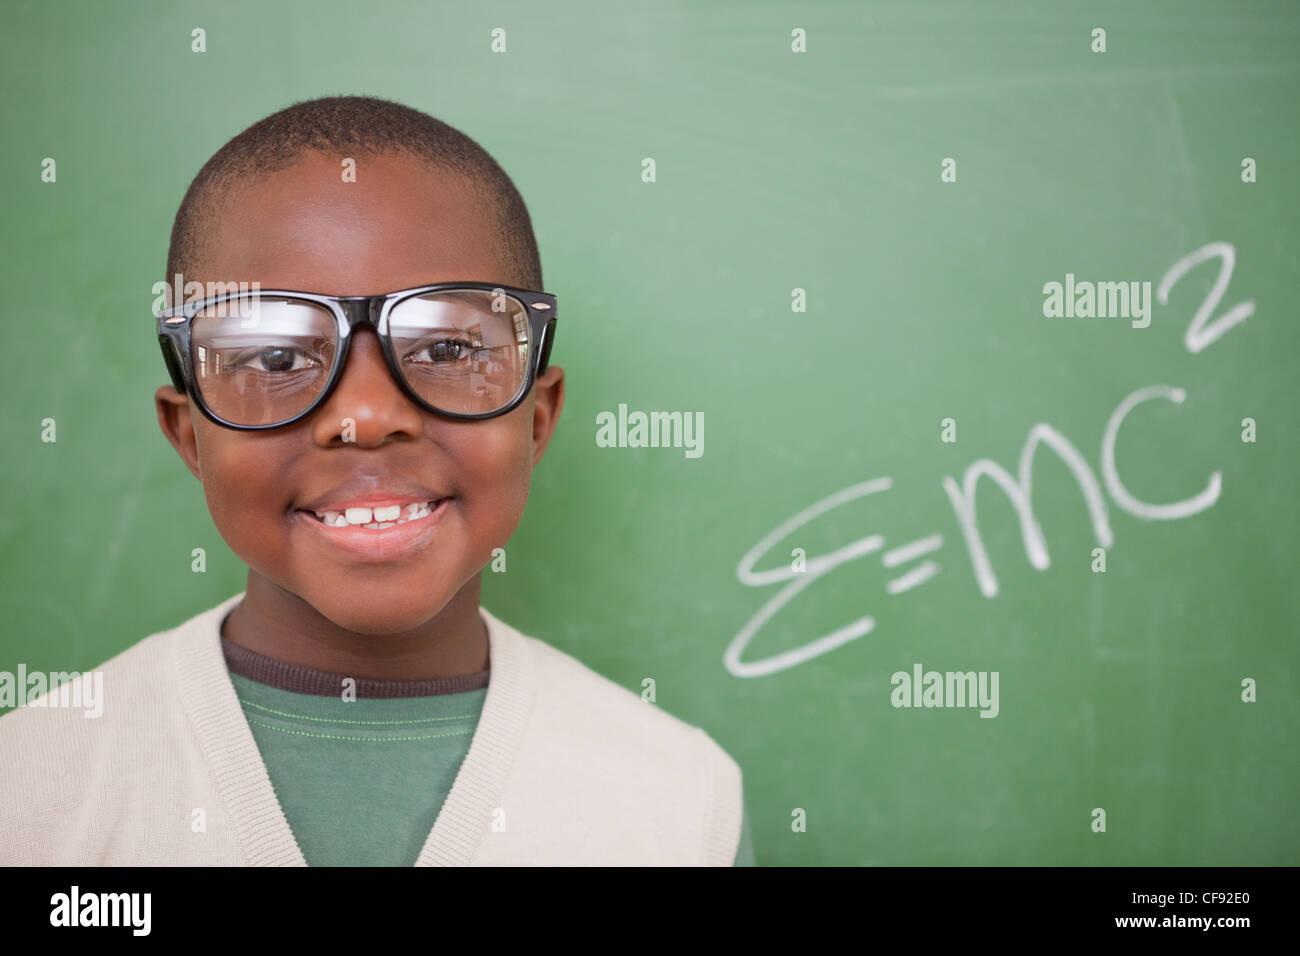 Schuljunge posiert mit der Masse – Energie-Äquivalenz Formel Stockfoto